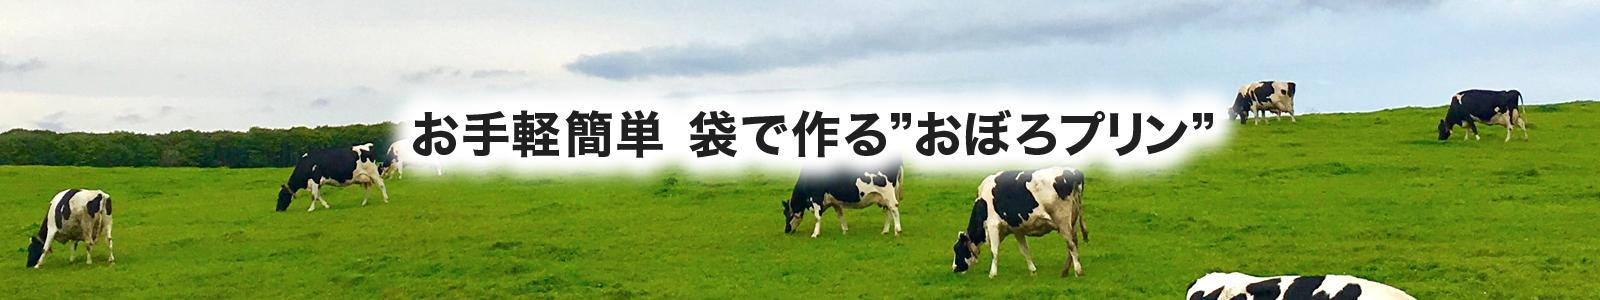 日本の酪農を守ろう!【簡単手作り】湯煎で作る袋プリン